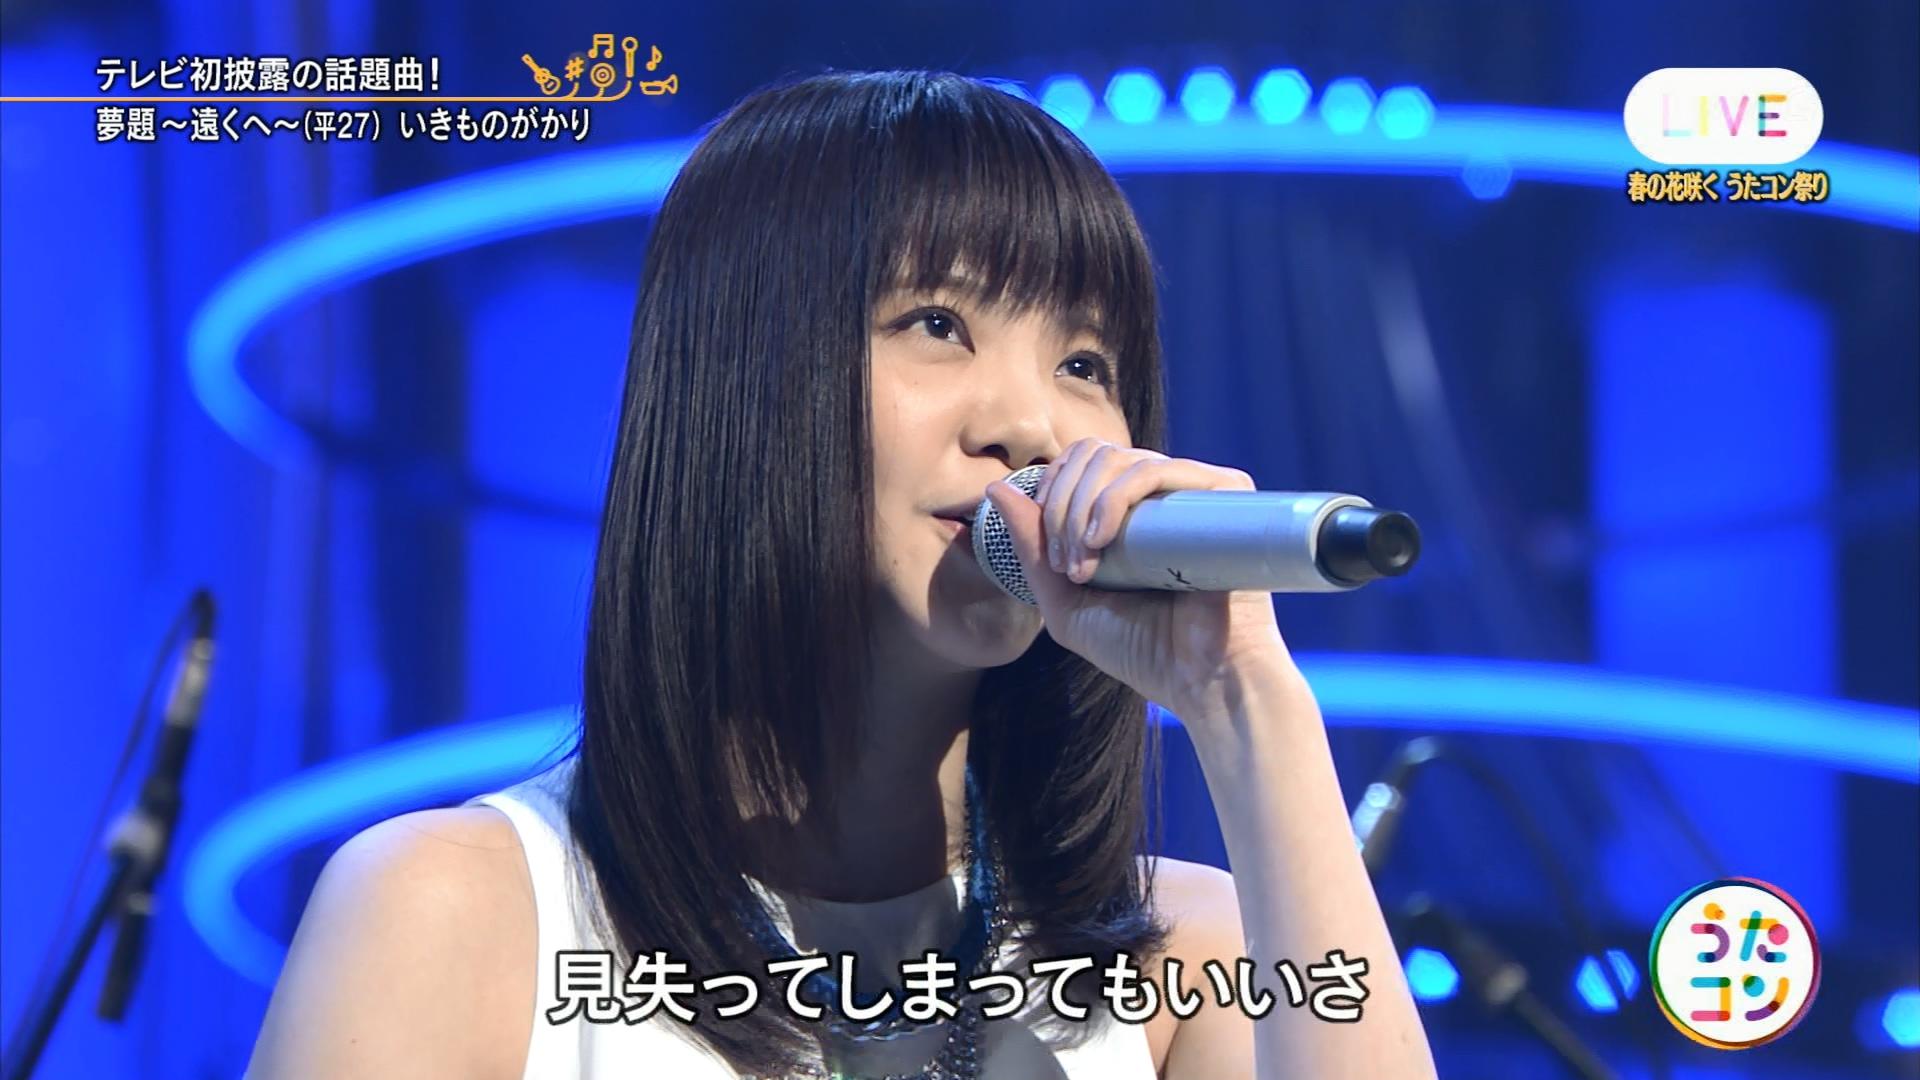 2016.04.12 全場(うたコン).ts_20160412_211305.895